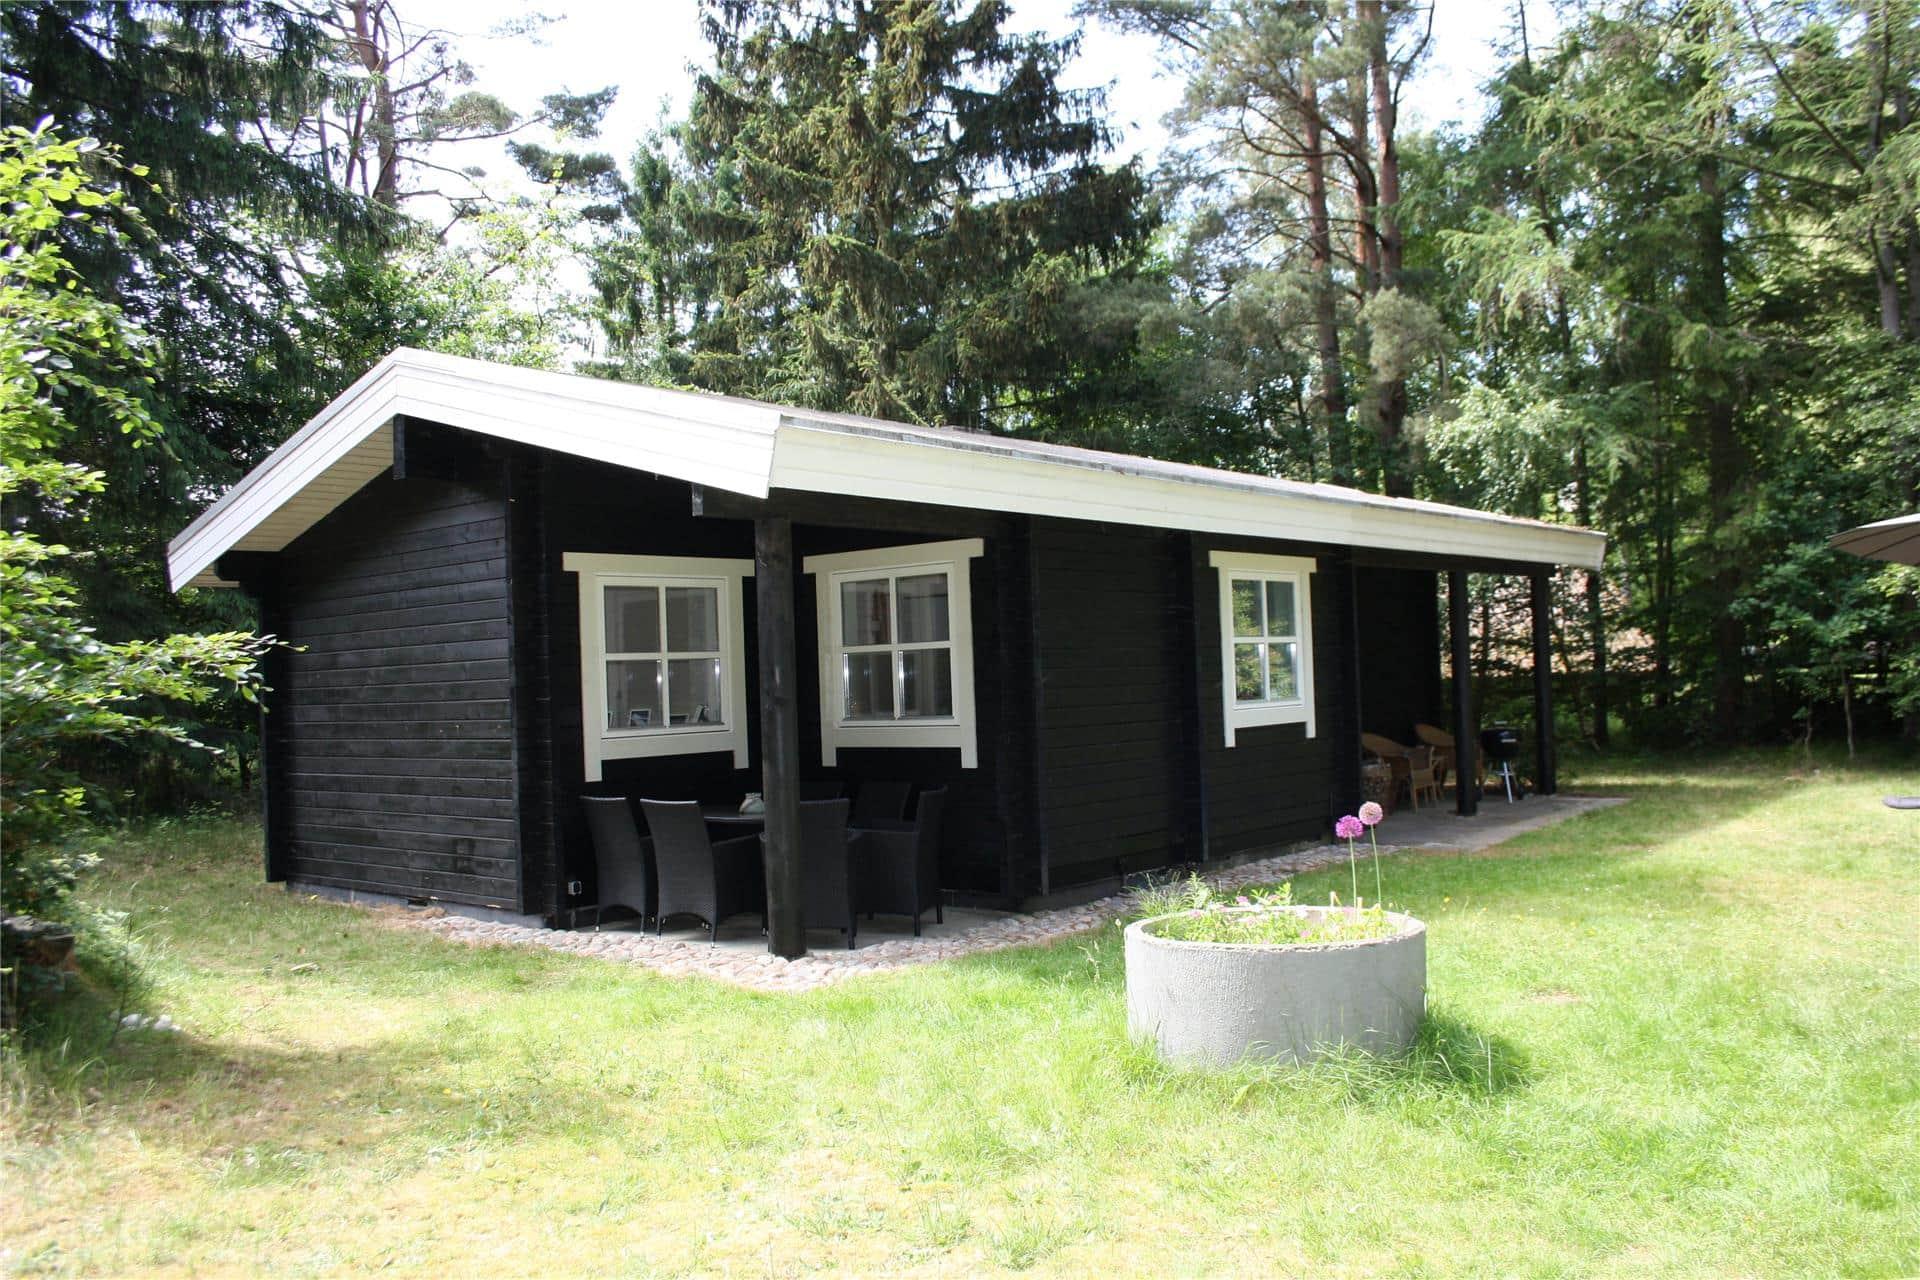 Billede 1-1336 Sommerhus 1048-N, Skovtoften 26, DK - 3300 Frederiksværk